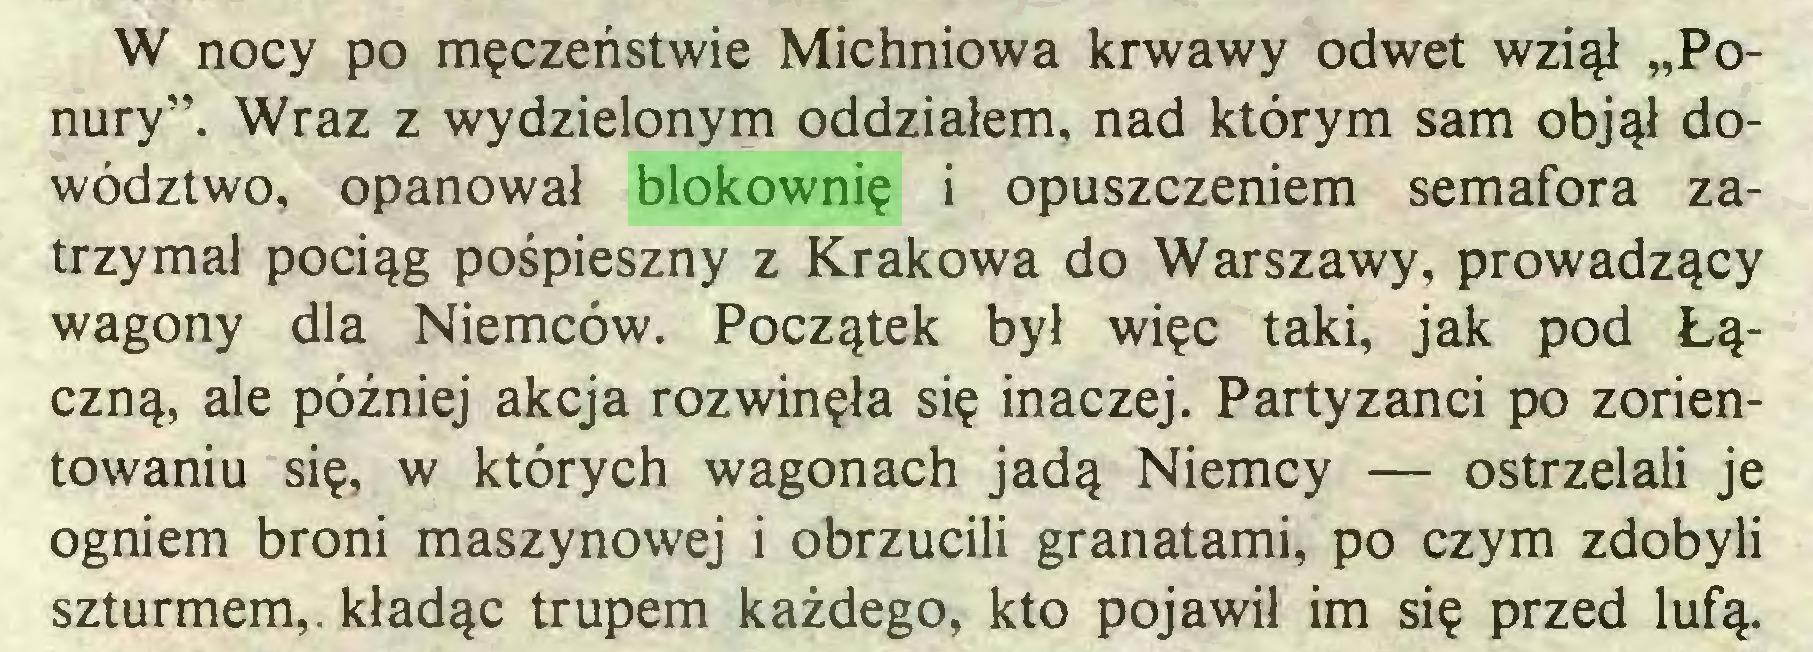 """(...) W nocy po męczeństwie Michniowa krwawy odwet wziął """"Ponury"""". Wraz z wydzielonym oddziałem, nad którym sam objął dowództwo, opanował blokownię i opuszczeniem semafora zatrzymał pociąg pośpieszny z Krakowa do Warszawy, prowadzący wagony dla Niemców. Początek był więc taki, jak pod Łączną, ale później akcja rozwinęła się inaczej. Partyzanci po zorientowaniu się, w których wagonach jadą Niemcy — ostrzelali je ogniem broni maszynowej i obrzucili granatami, po czym zdobyli szturmem,, kładąc trupem każdego, kto pojawił im się przed lufą..."""